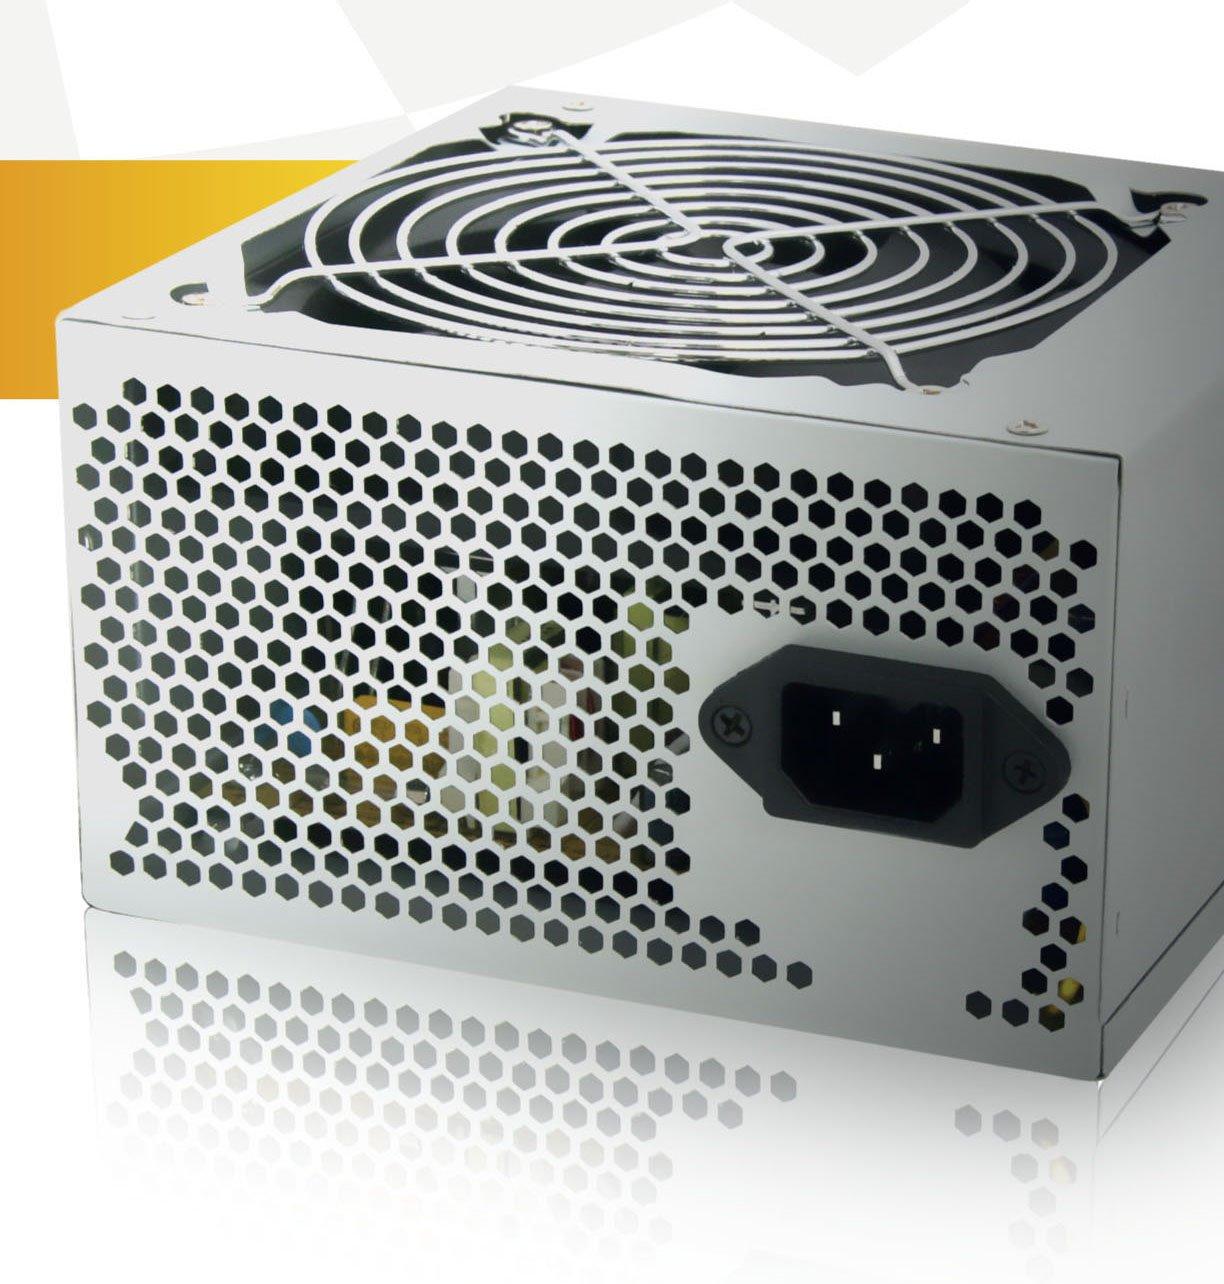 Aywun 600W Retail 120MM Fan Atx Psu 2 Years Warranty. Easy To Install